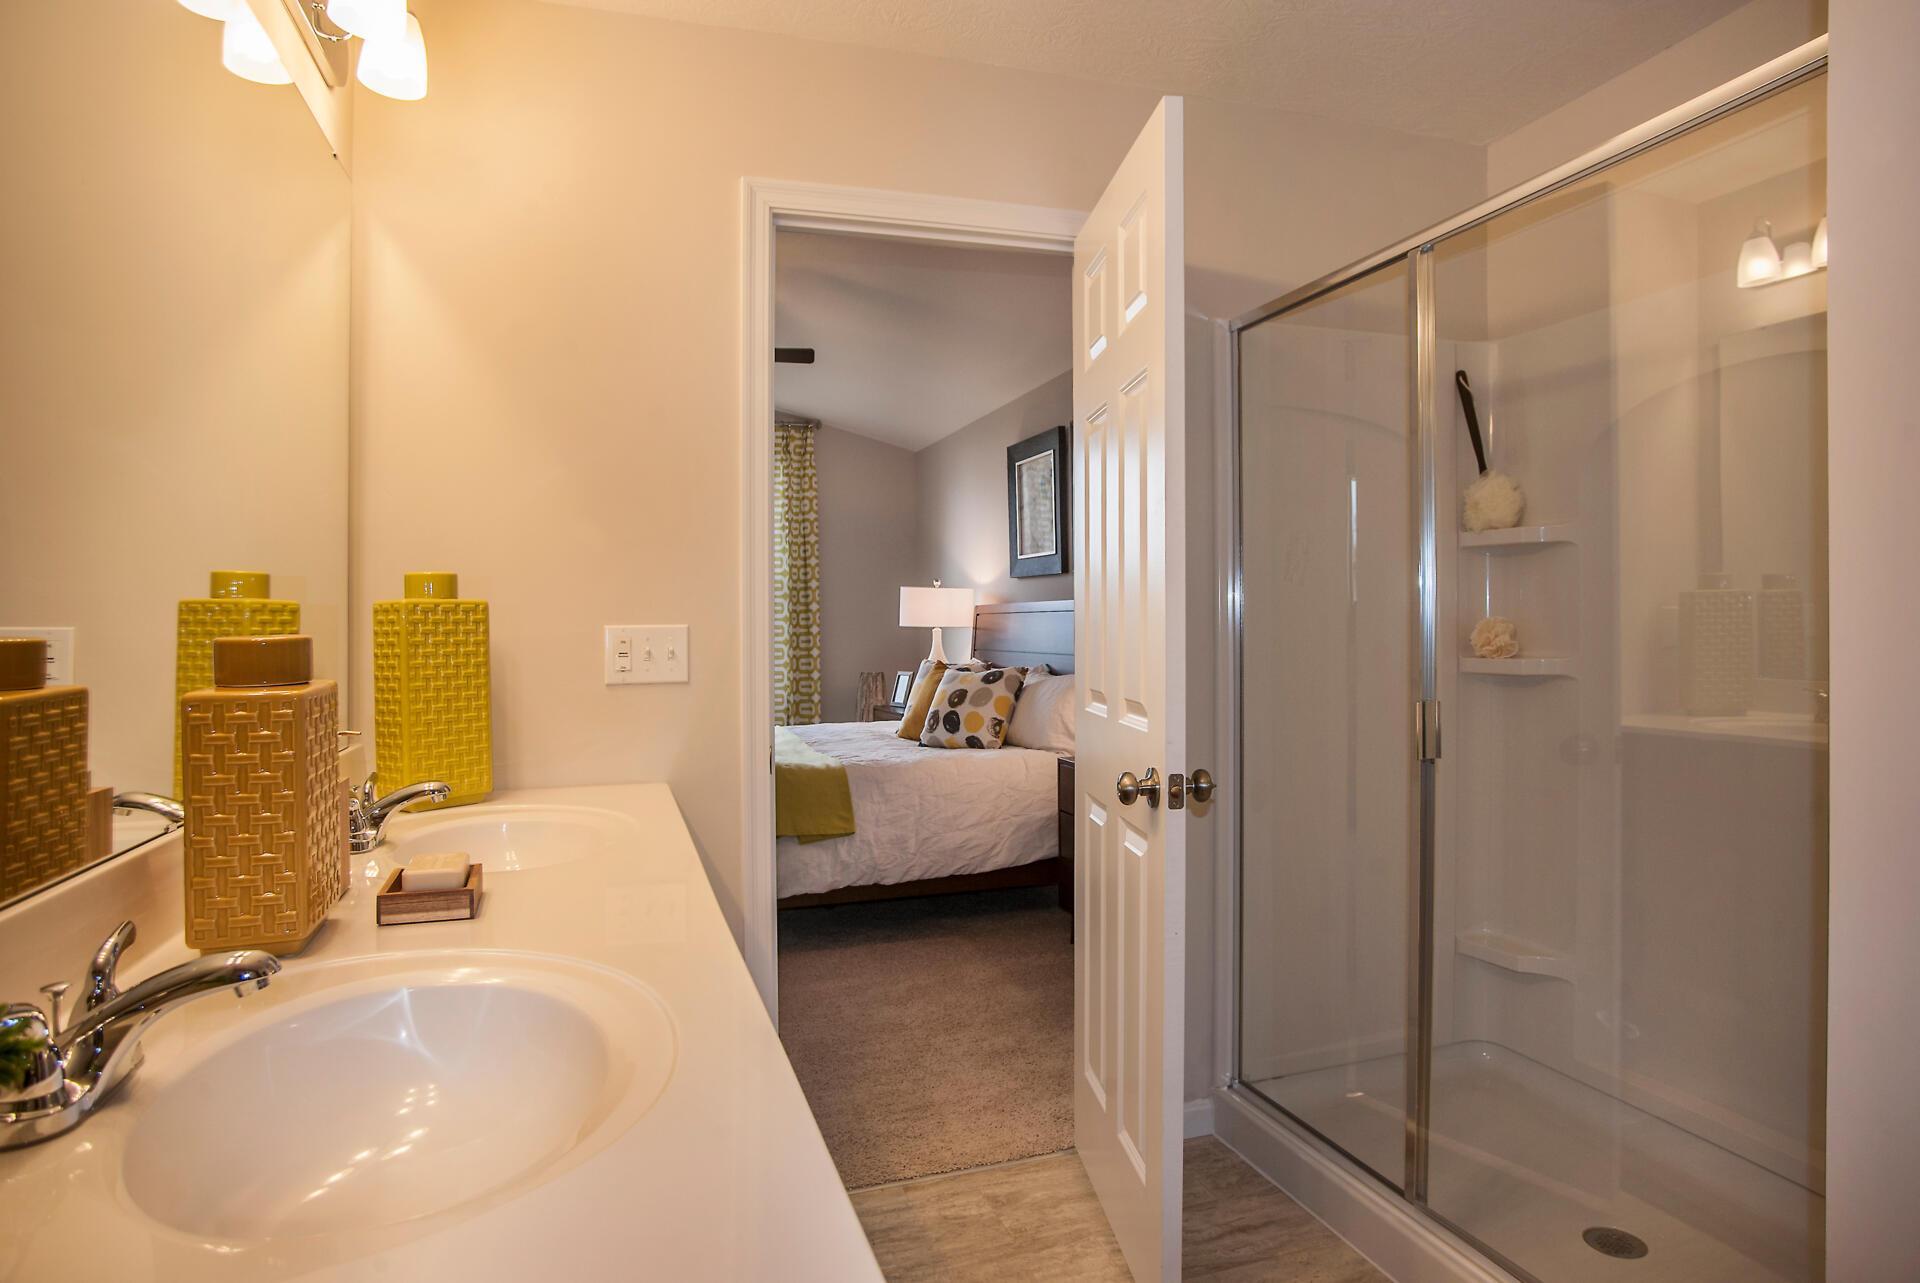 Bathroom featured in the Alexander By Drees Homes in Cincinnati, OH